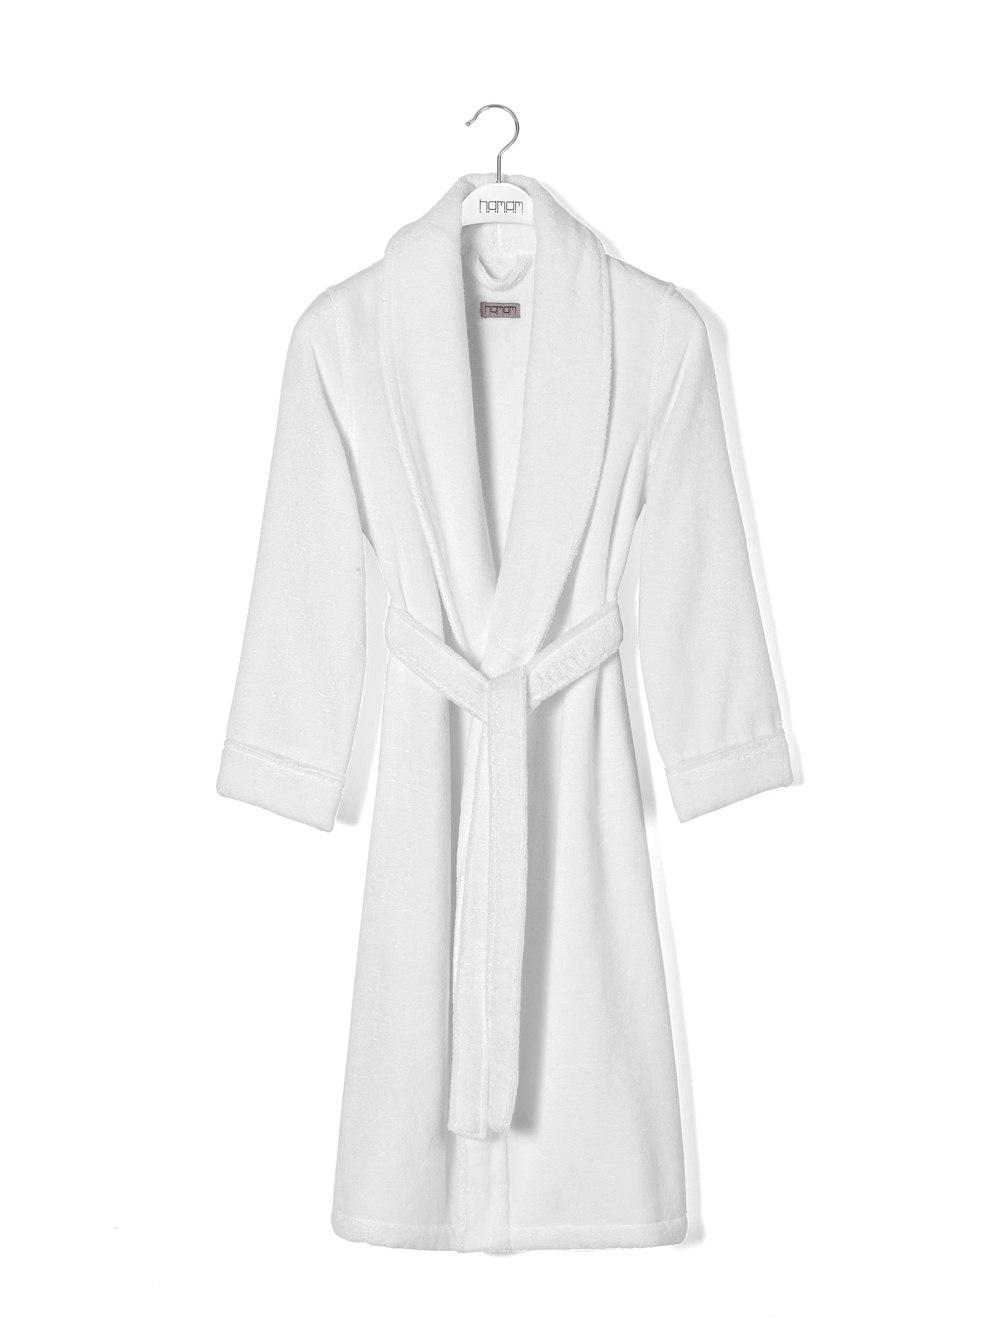 Банный халат Pera Цвет: Белый (xS) фото